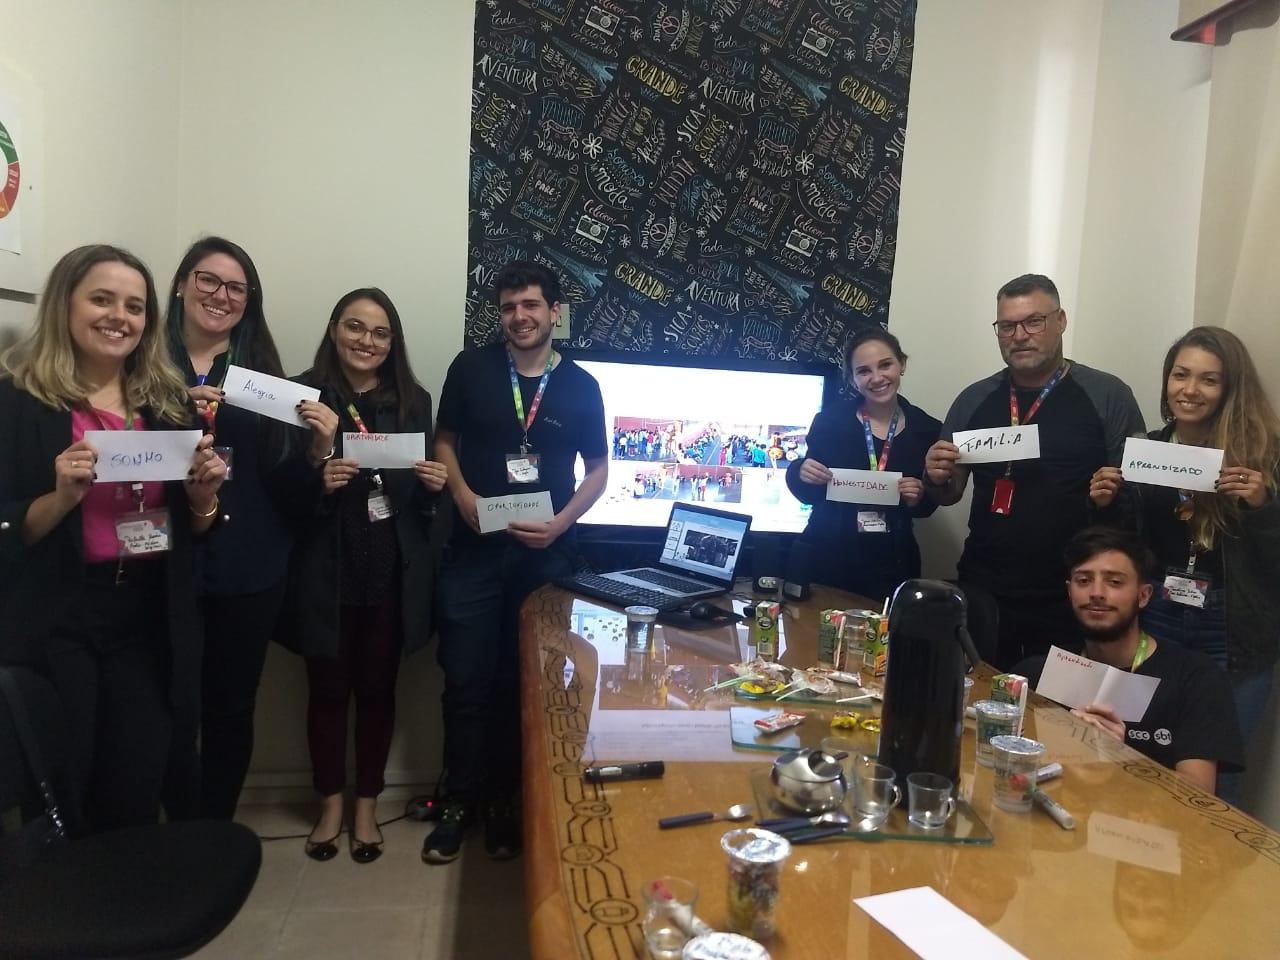 22/10/2019 - Integração dos novos colaboradores do grupo SCC.